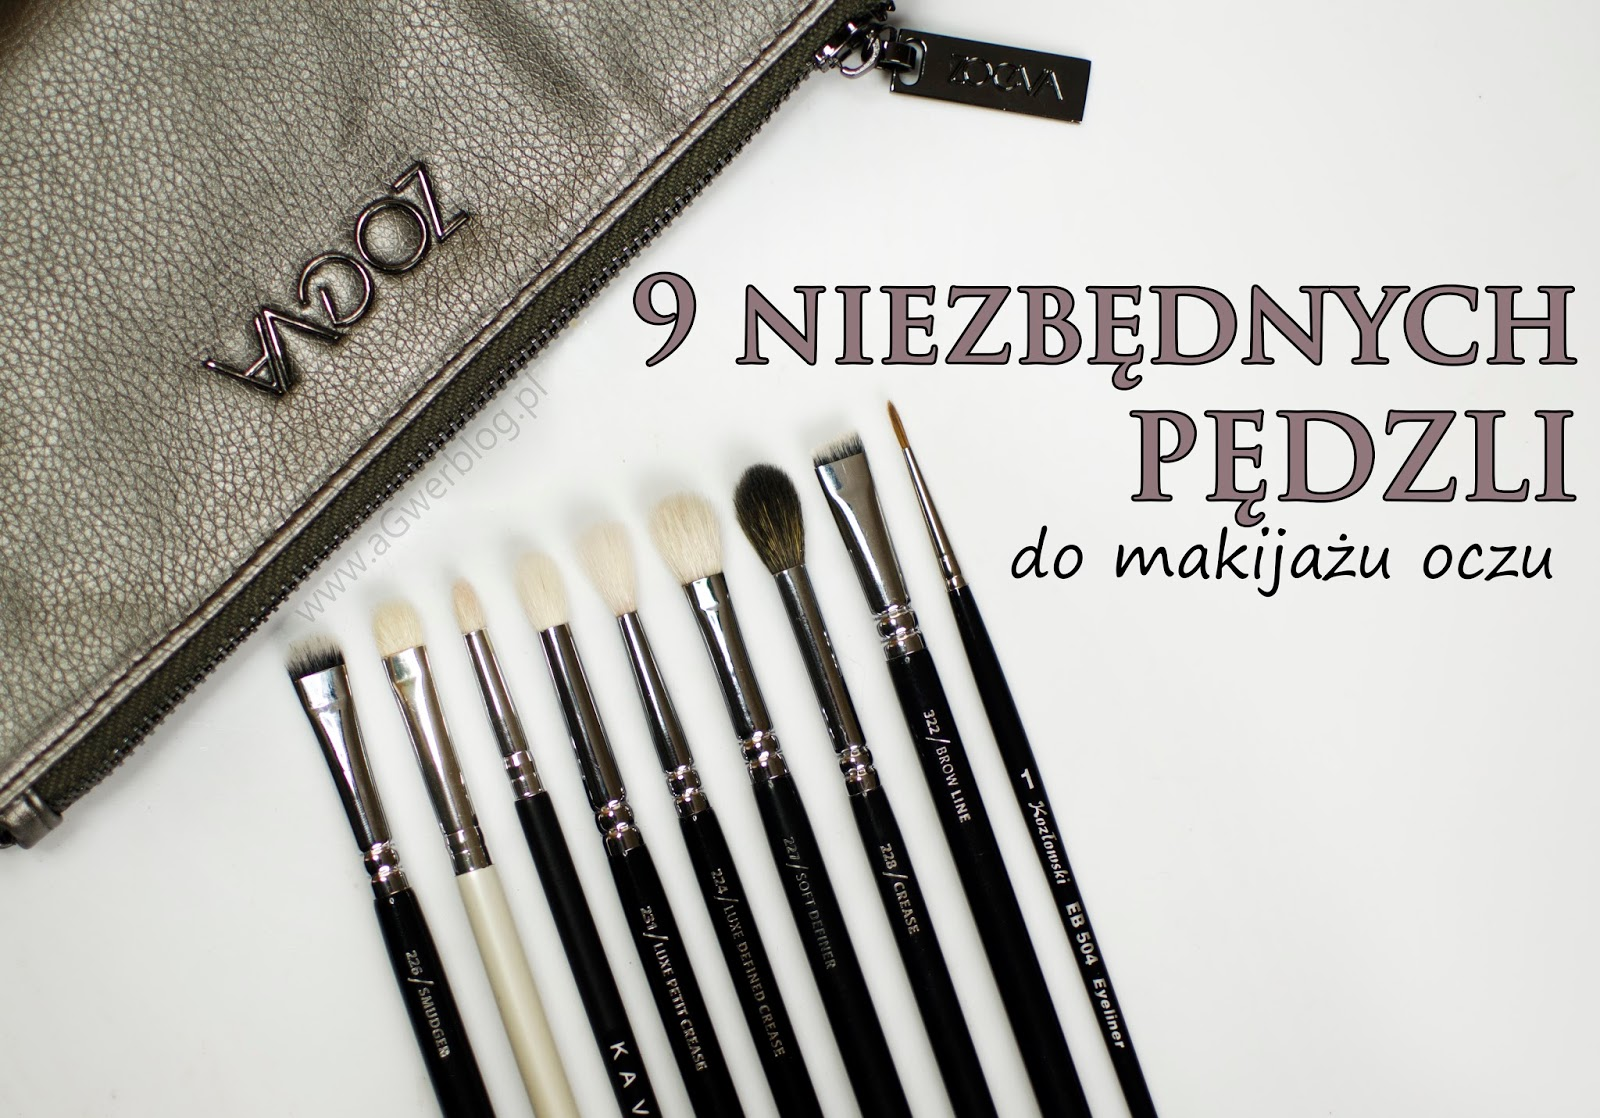 9 niezbędnych pędzli do makijażu oczu